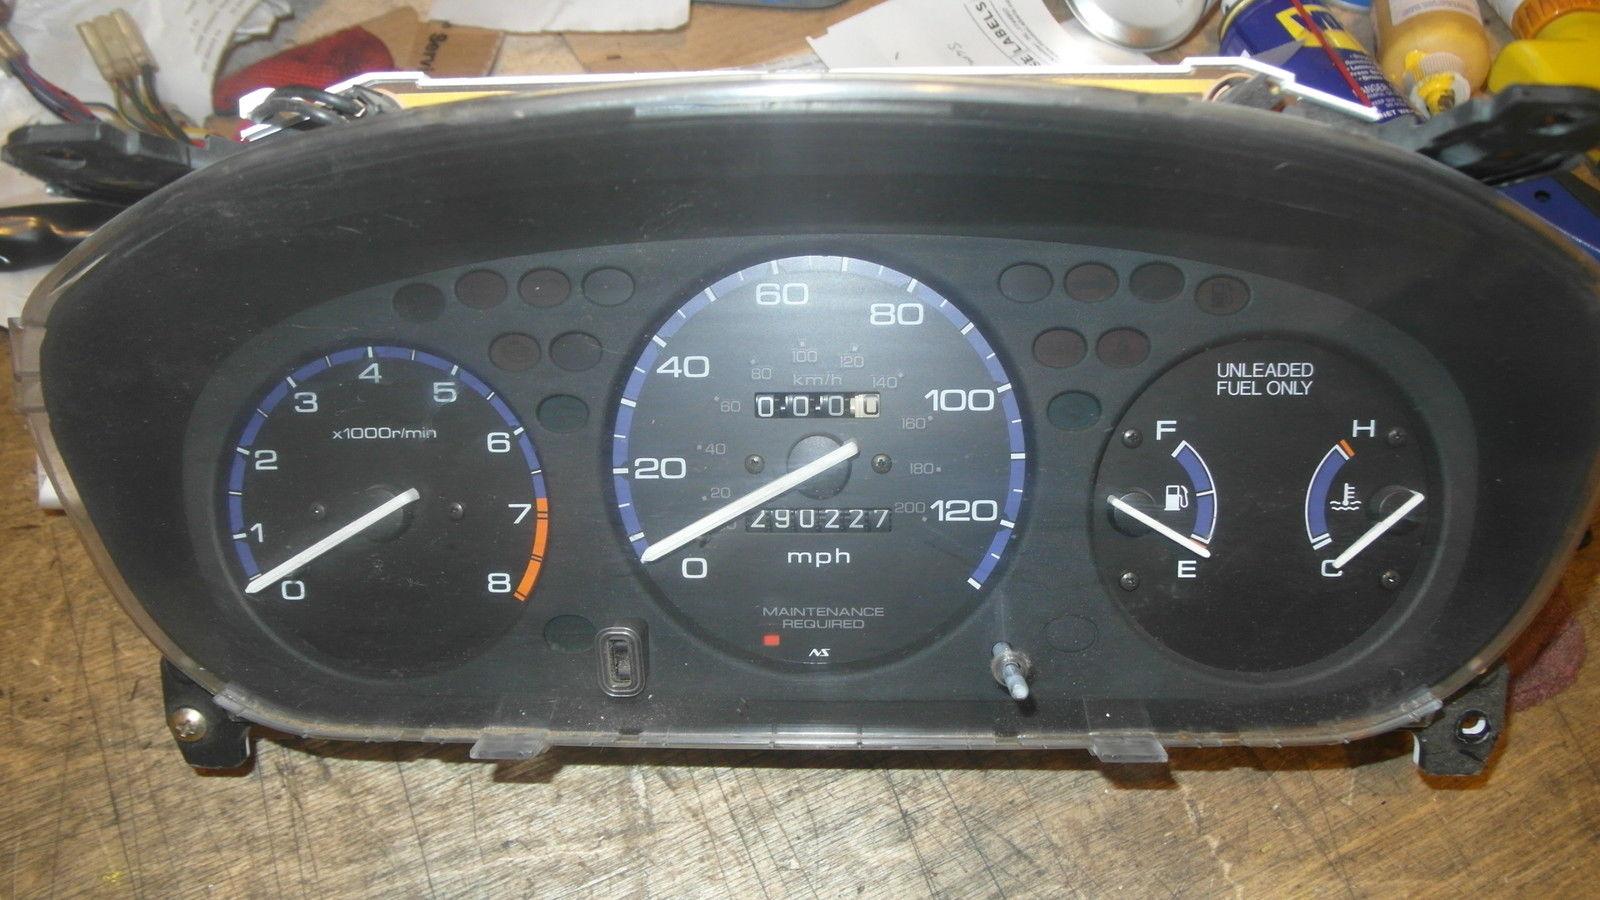 Amazing Honda Civic 5 Speed Manual Tachometer Gauge Cluster 286000 1996 Fuel Item Specifics